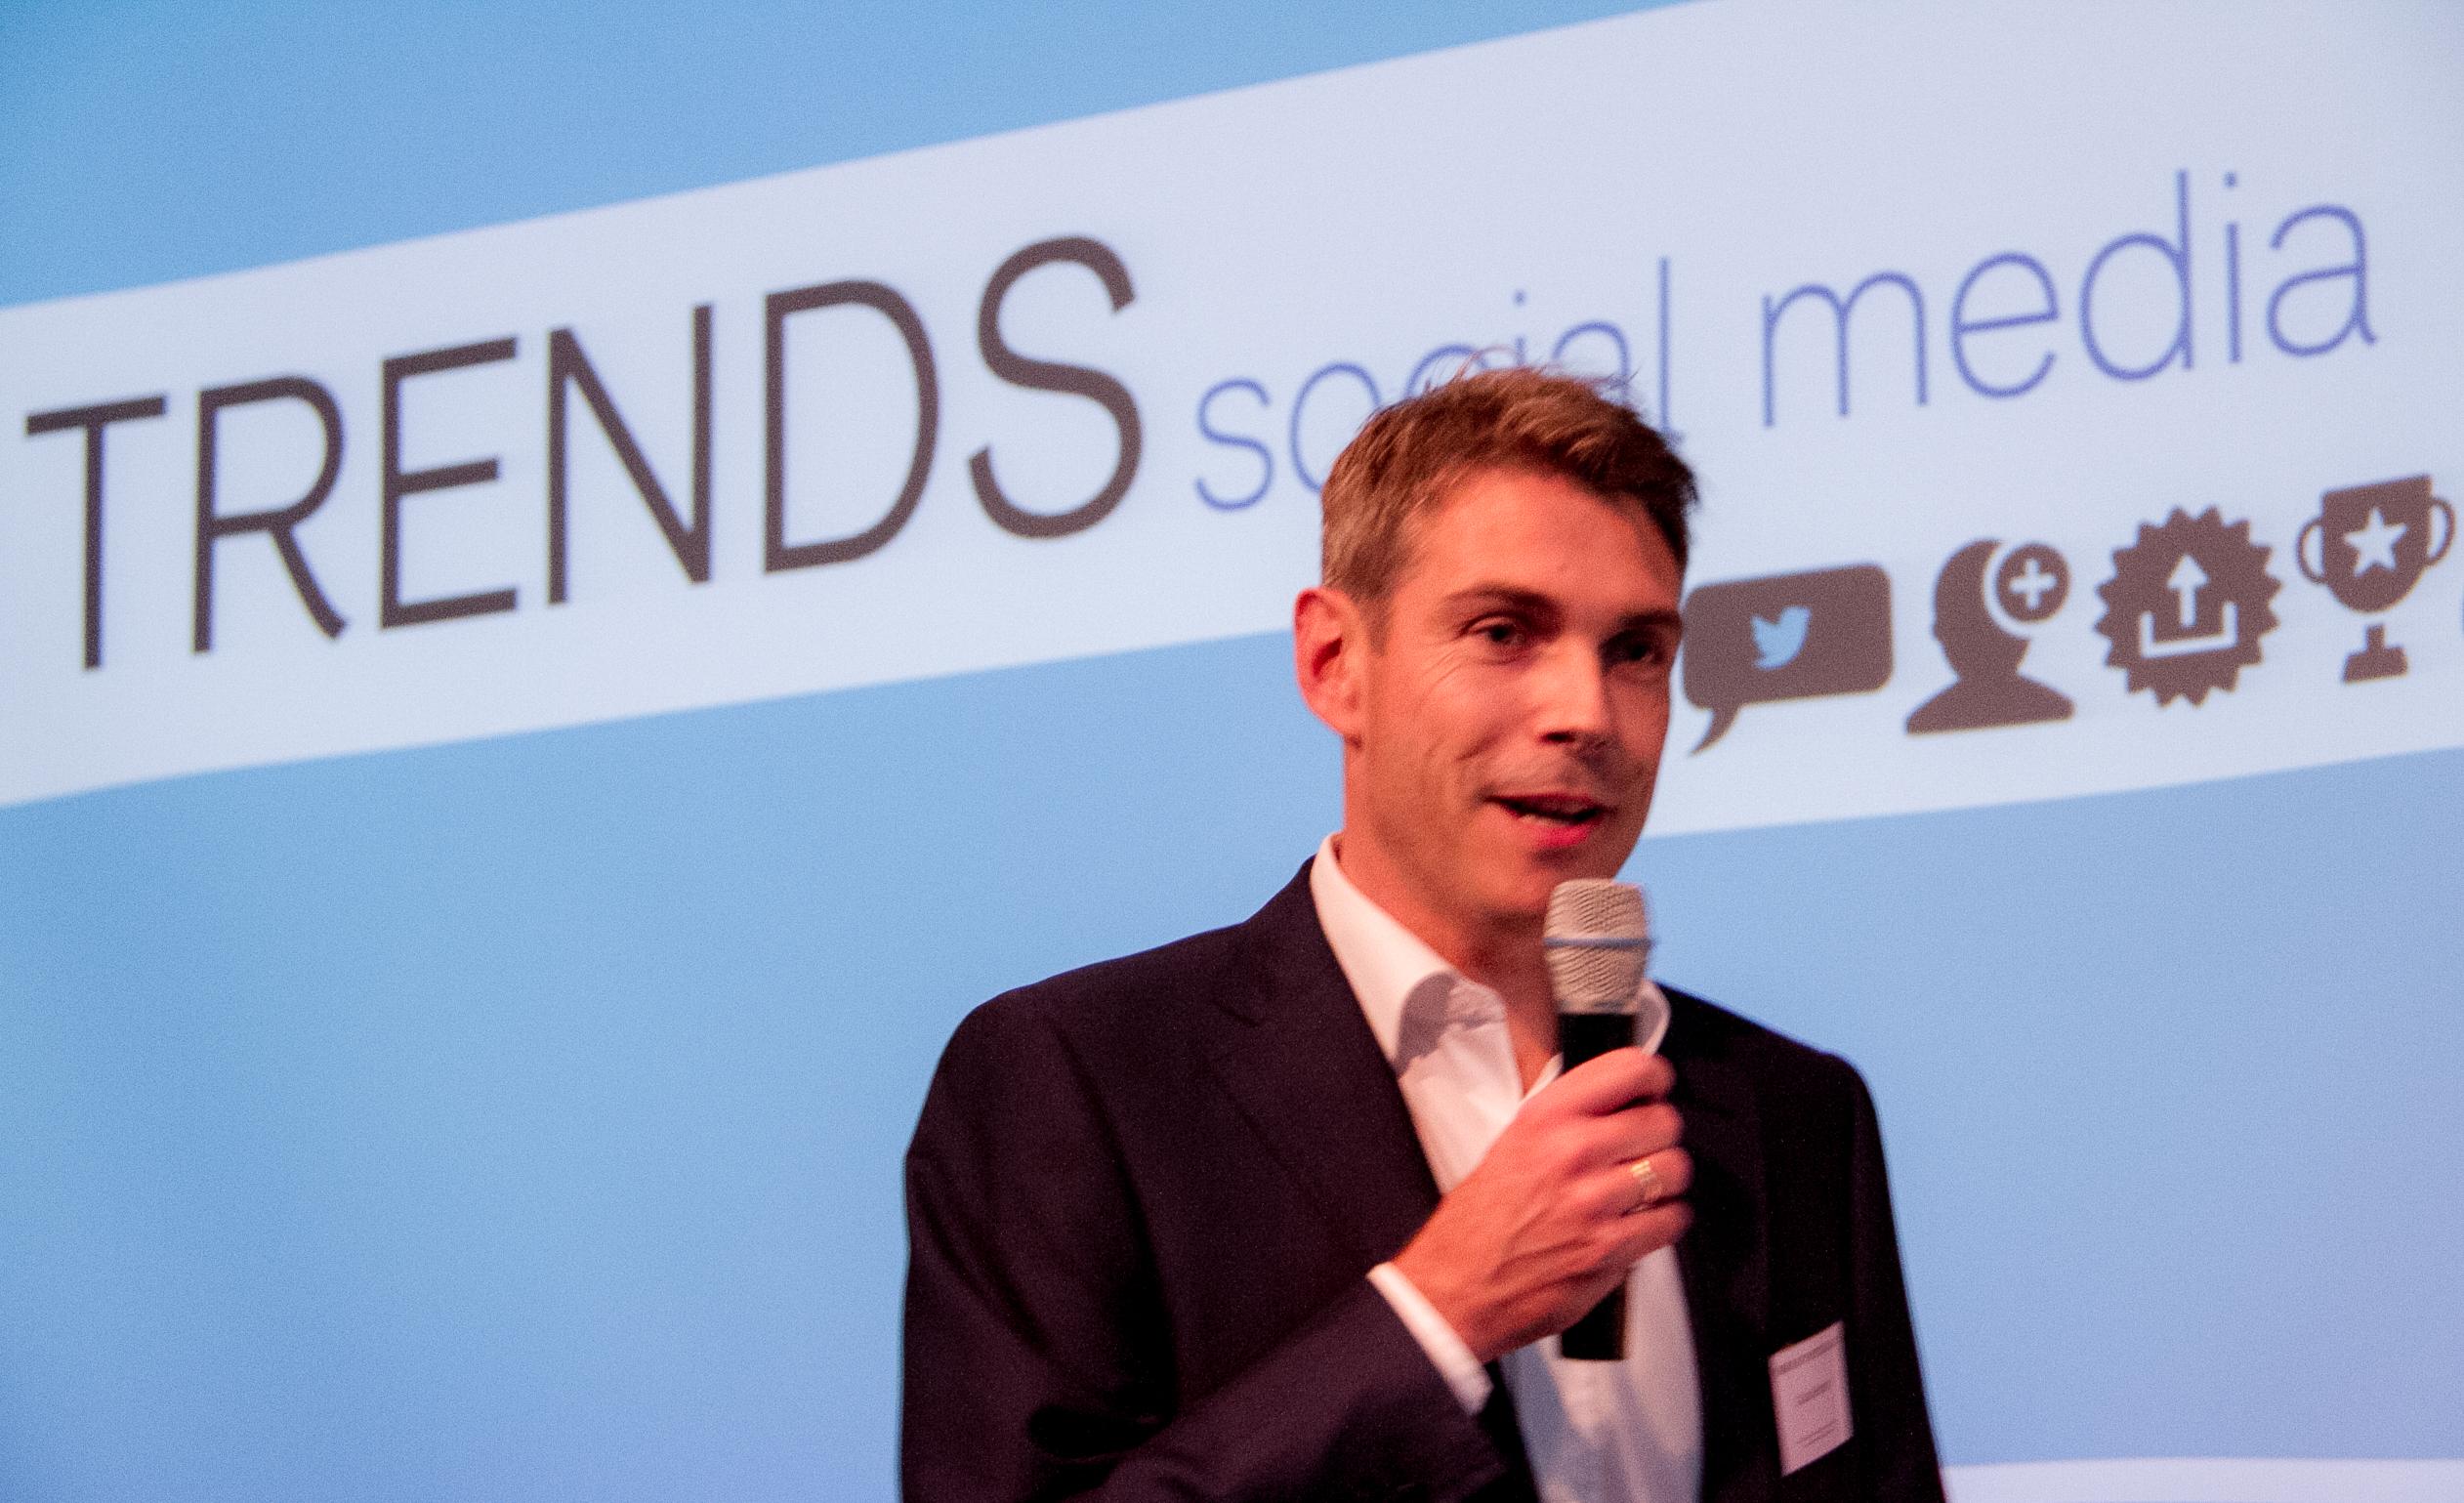 Claus Bornholt führt in den Vortrag ein über Trends in Social Media